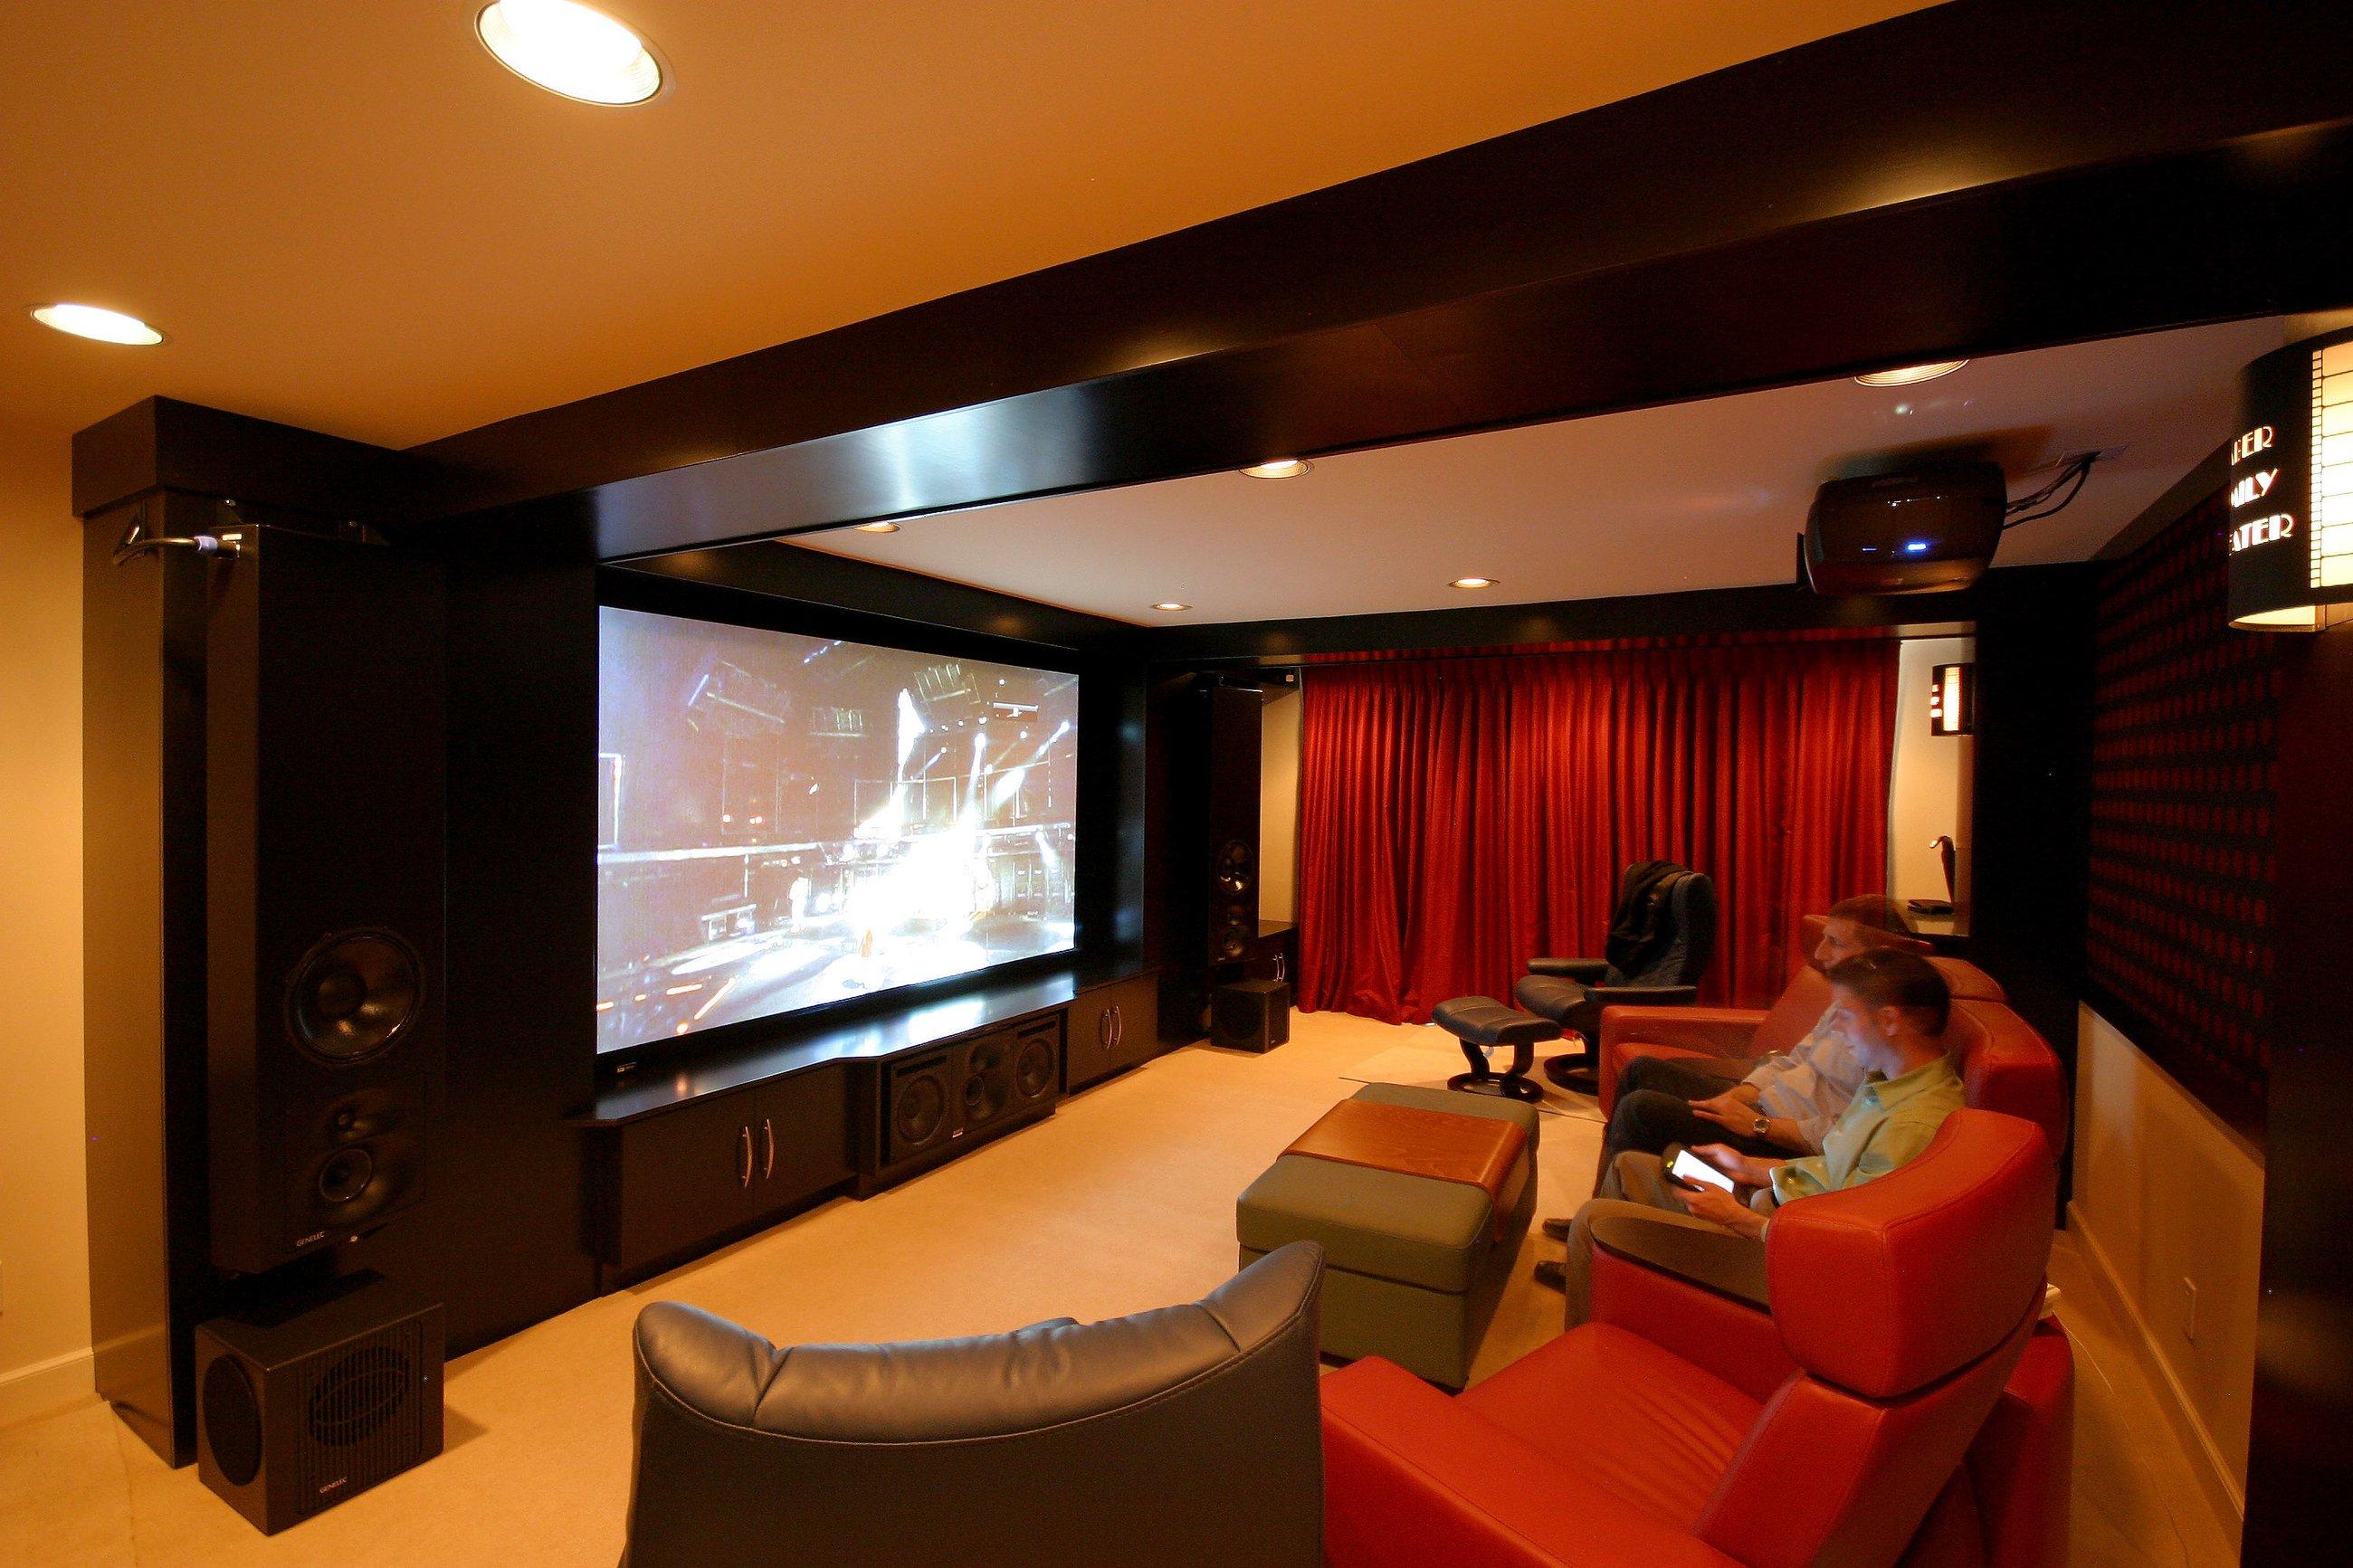 Фото домашних кинотеатров в доме